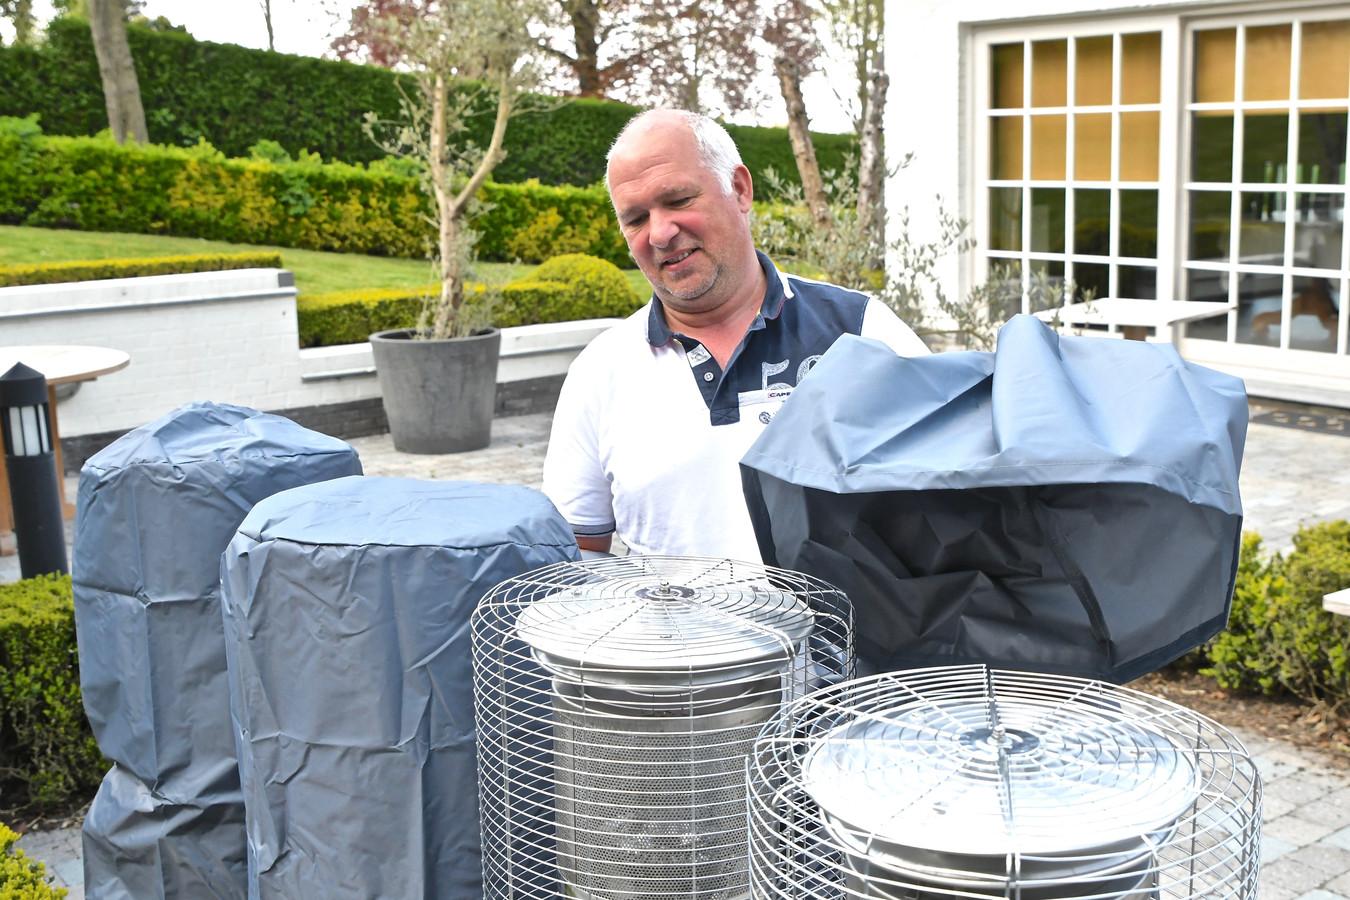 Ook restaurant La Cravache in Rekkem is klaar om vanaf zaterdag weer volk te ontvangen. Uitbater Koen Devos maakt de terrasverwarmers gebruiksklaar.